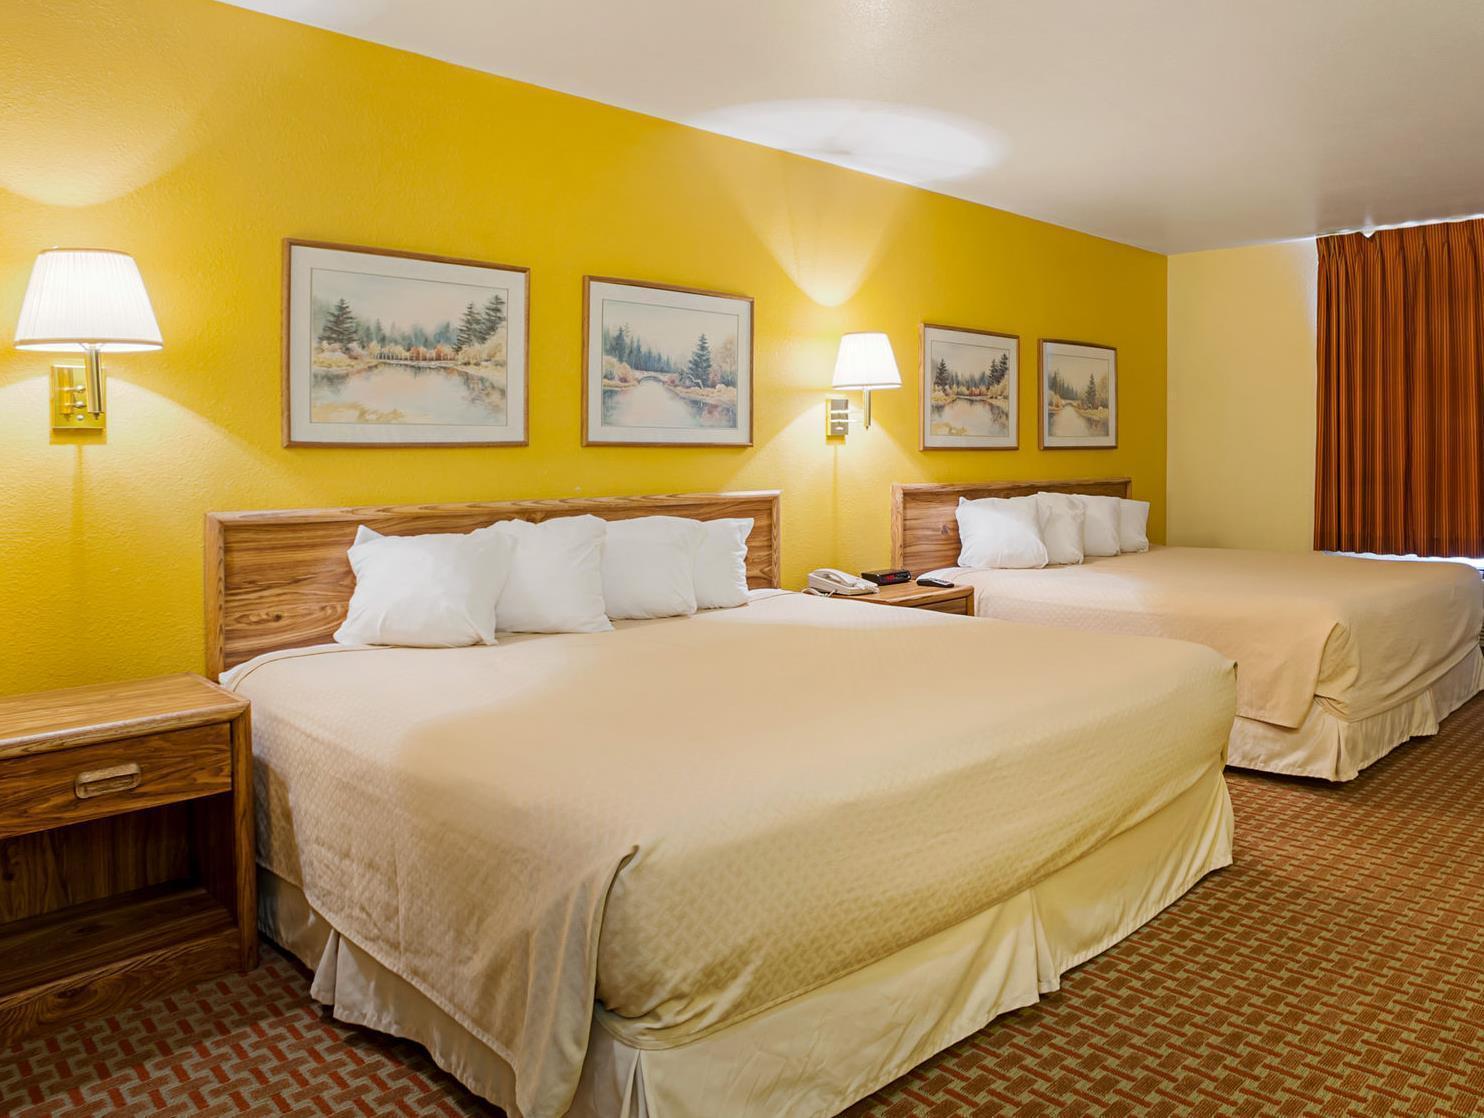 Rodeway Inn & Suites Blanding Reviews